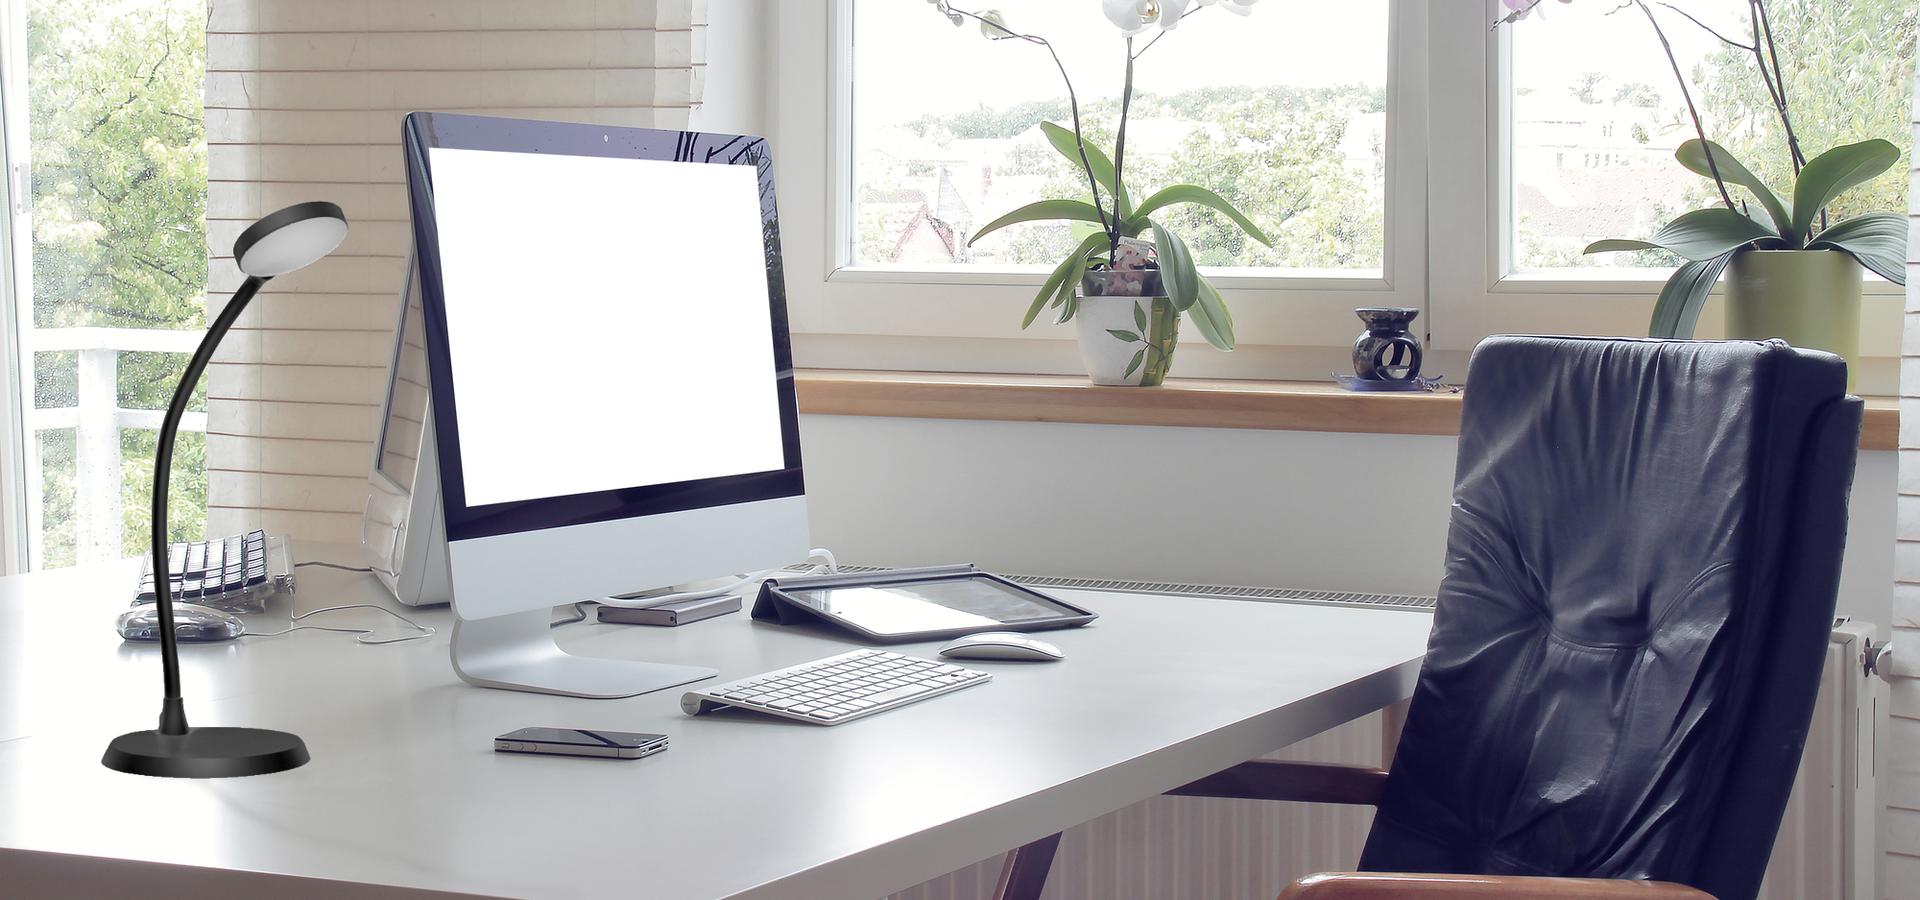 Domowe biuro  Jak je urządzić, aby było funkcjonalne i estetyczne?